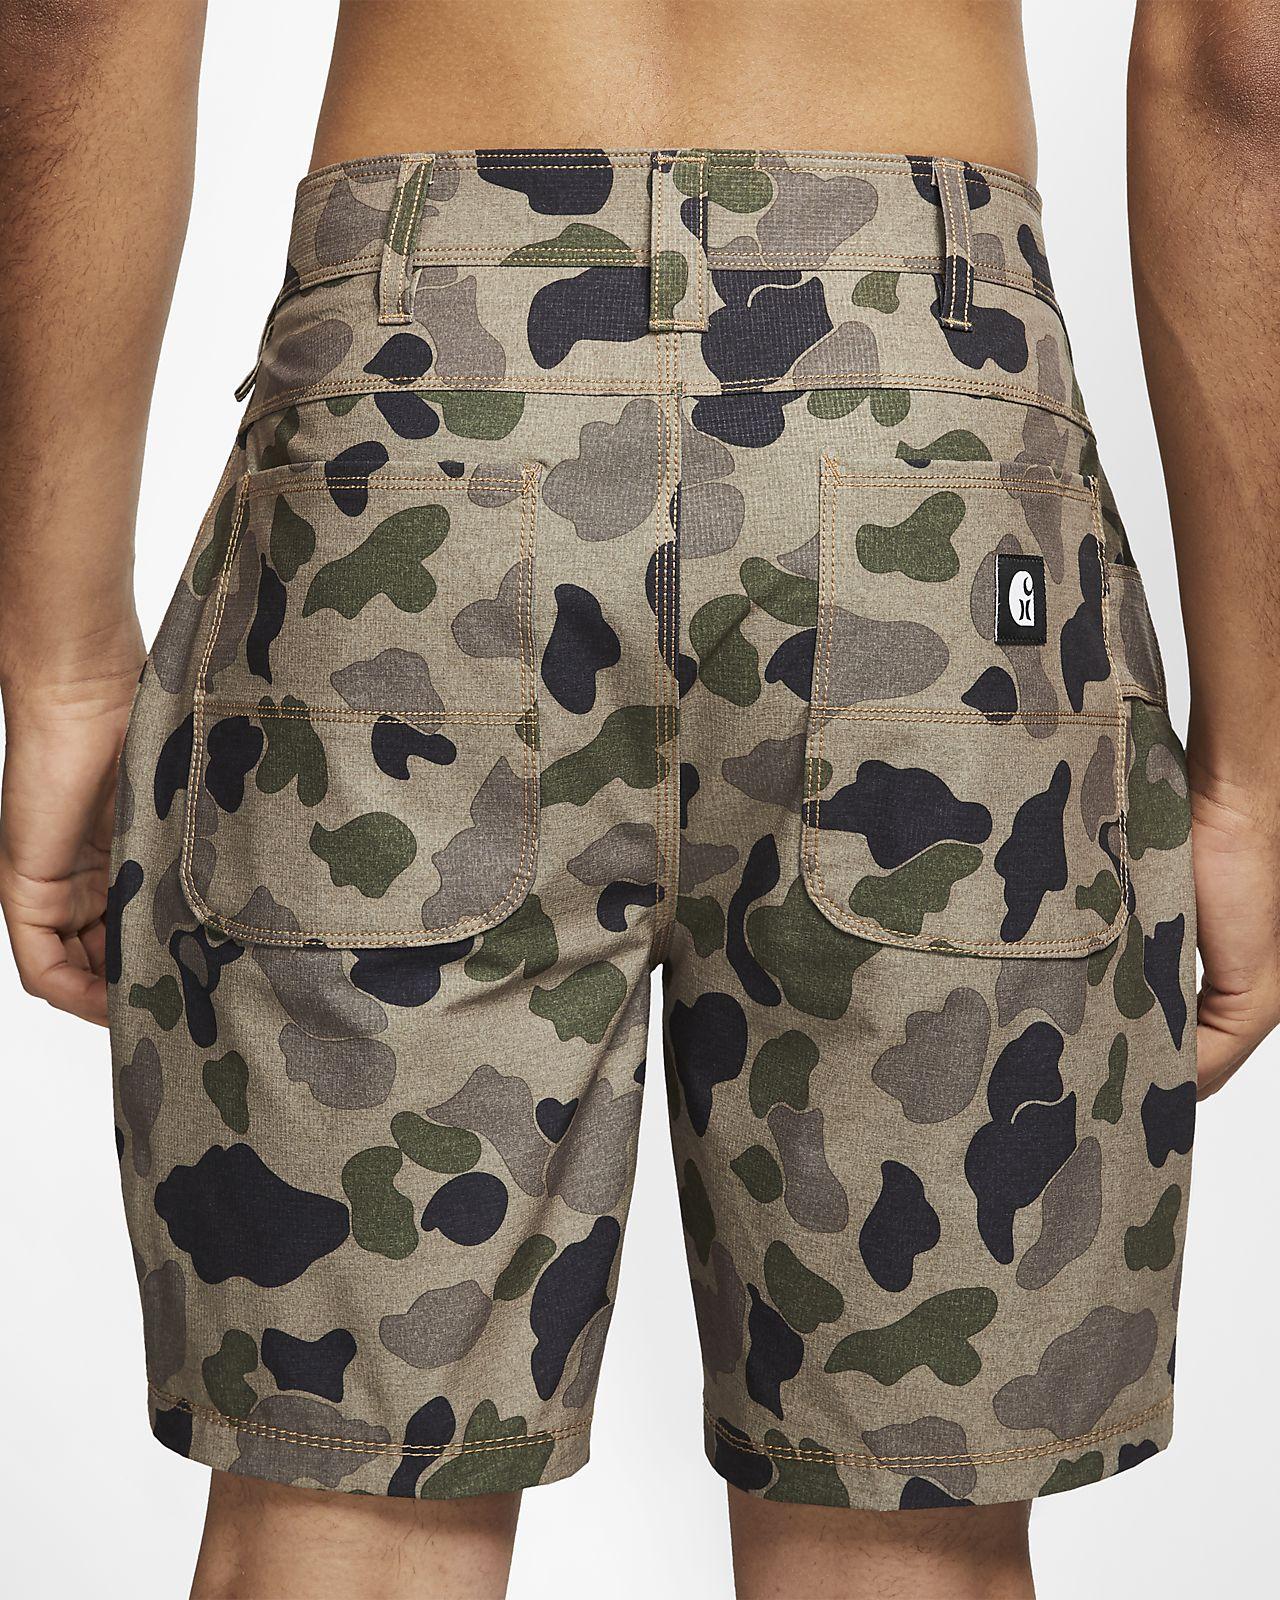 e966bffb Мужские шорты с камуфляжным принтом Hurley x Carhartt 48 см. Nike.com RU